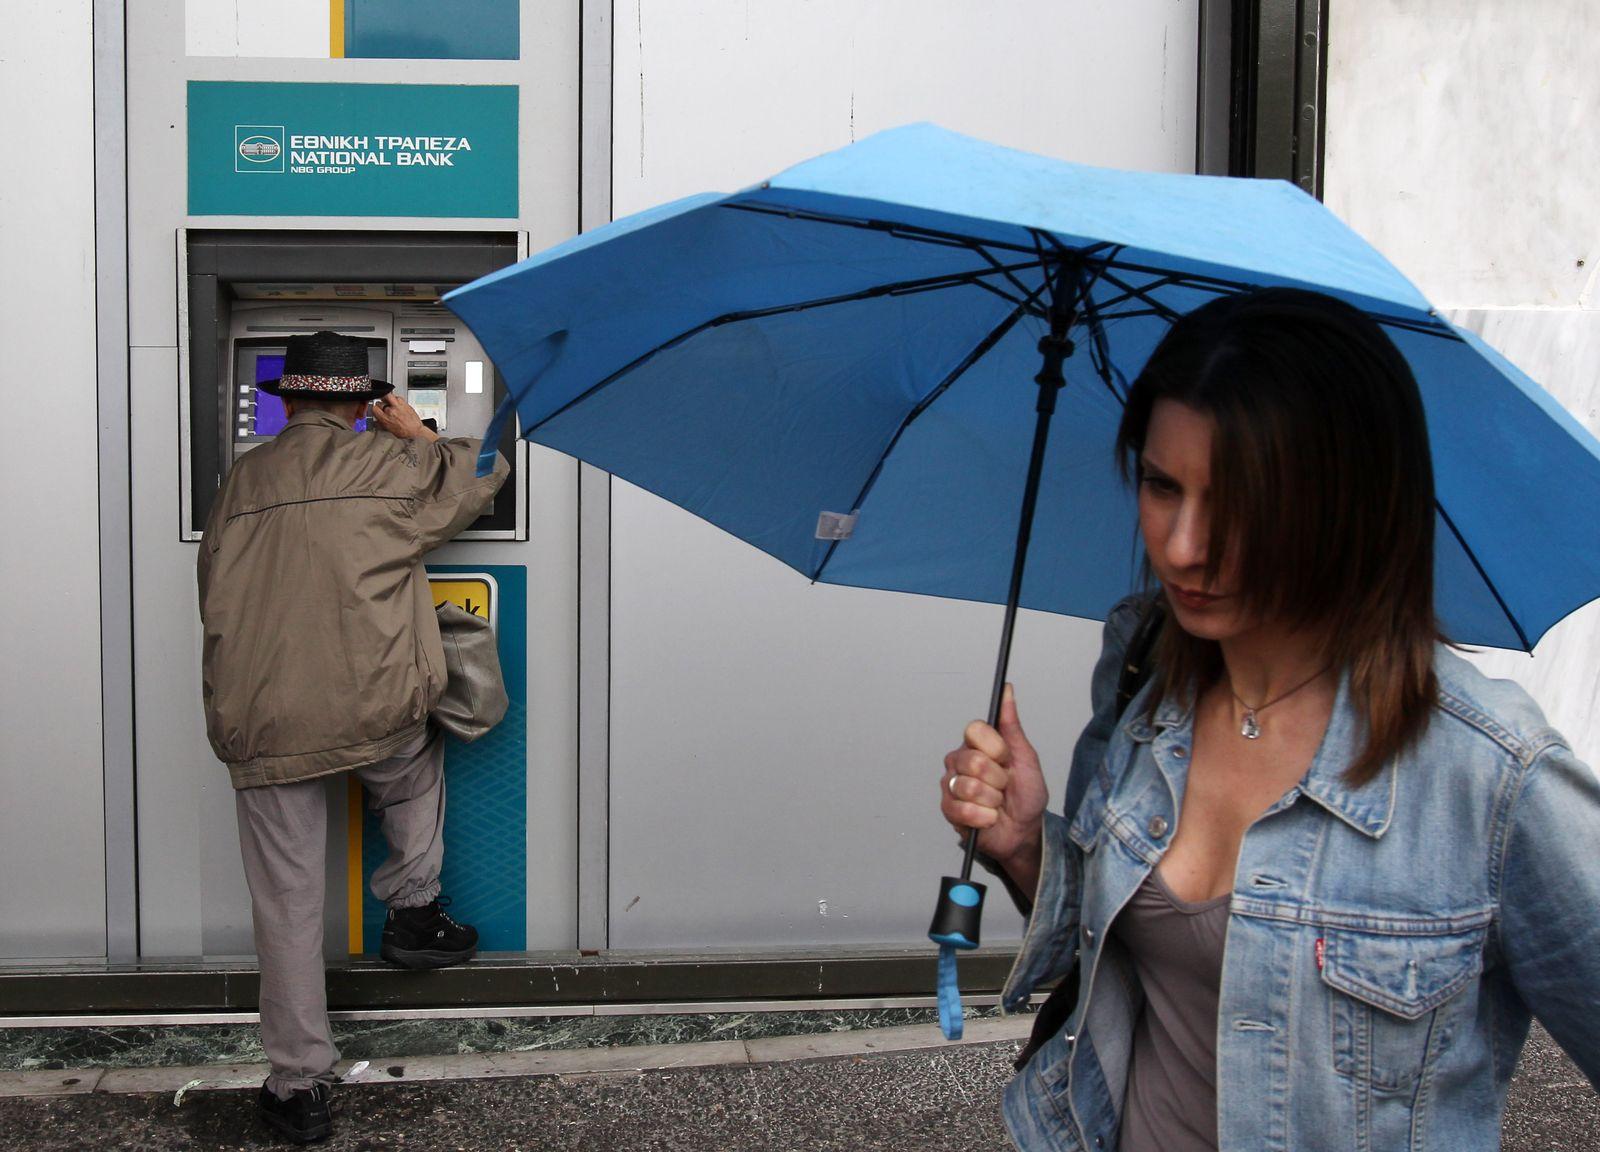 Griechenland/ Bankautomat